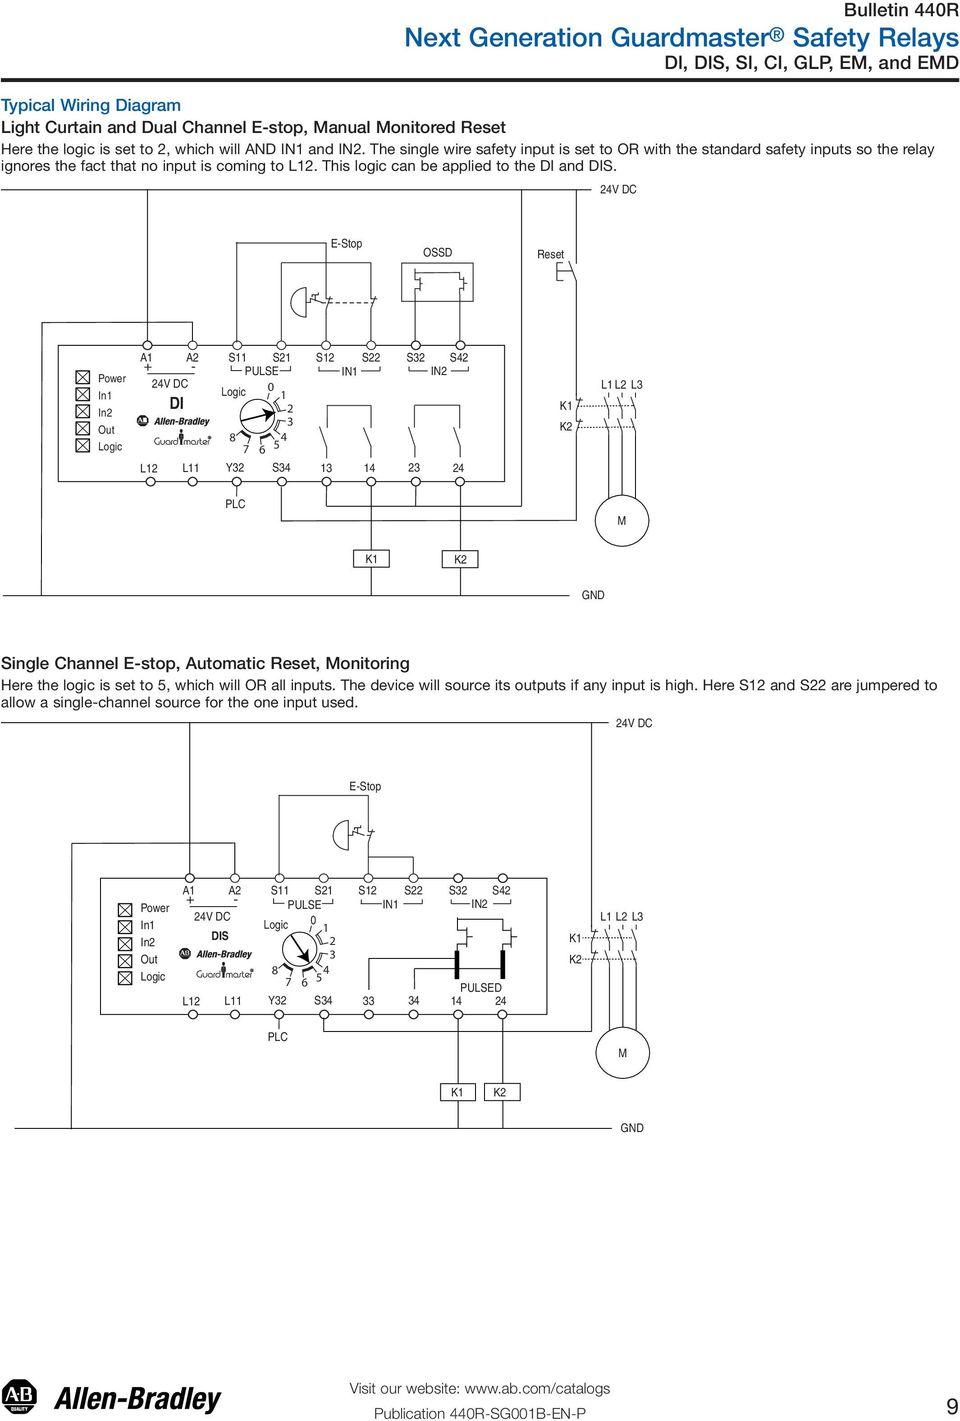 30 Best Of Allen Bradley Safety Relay Wiring Diagram